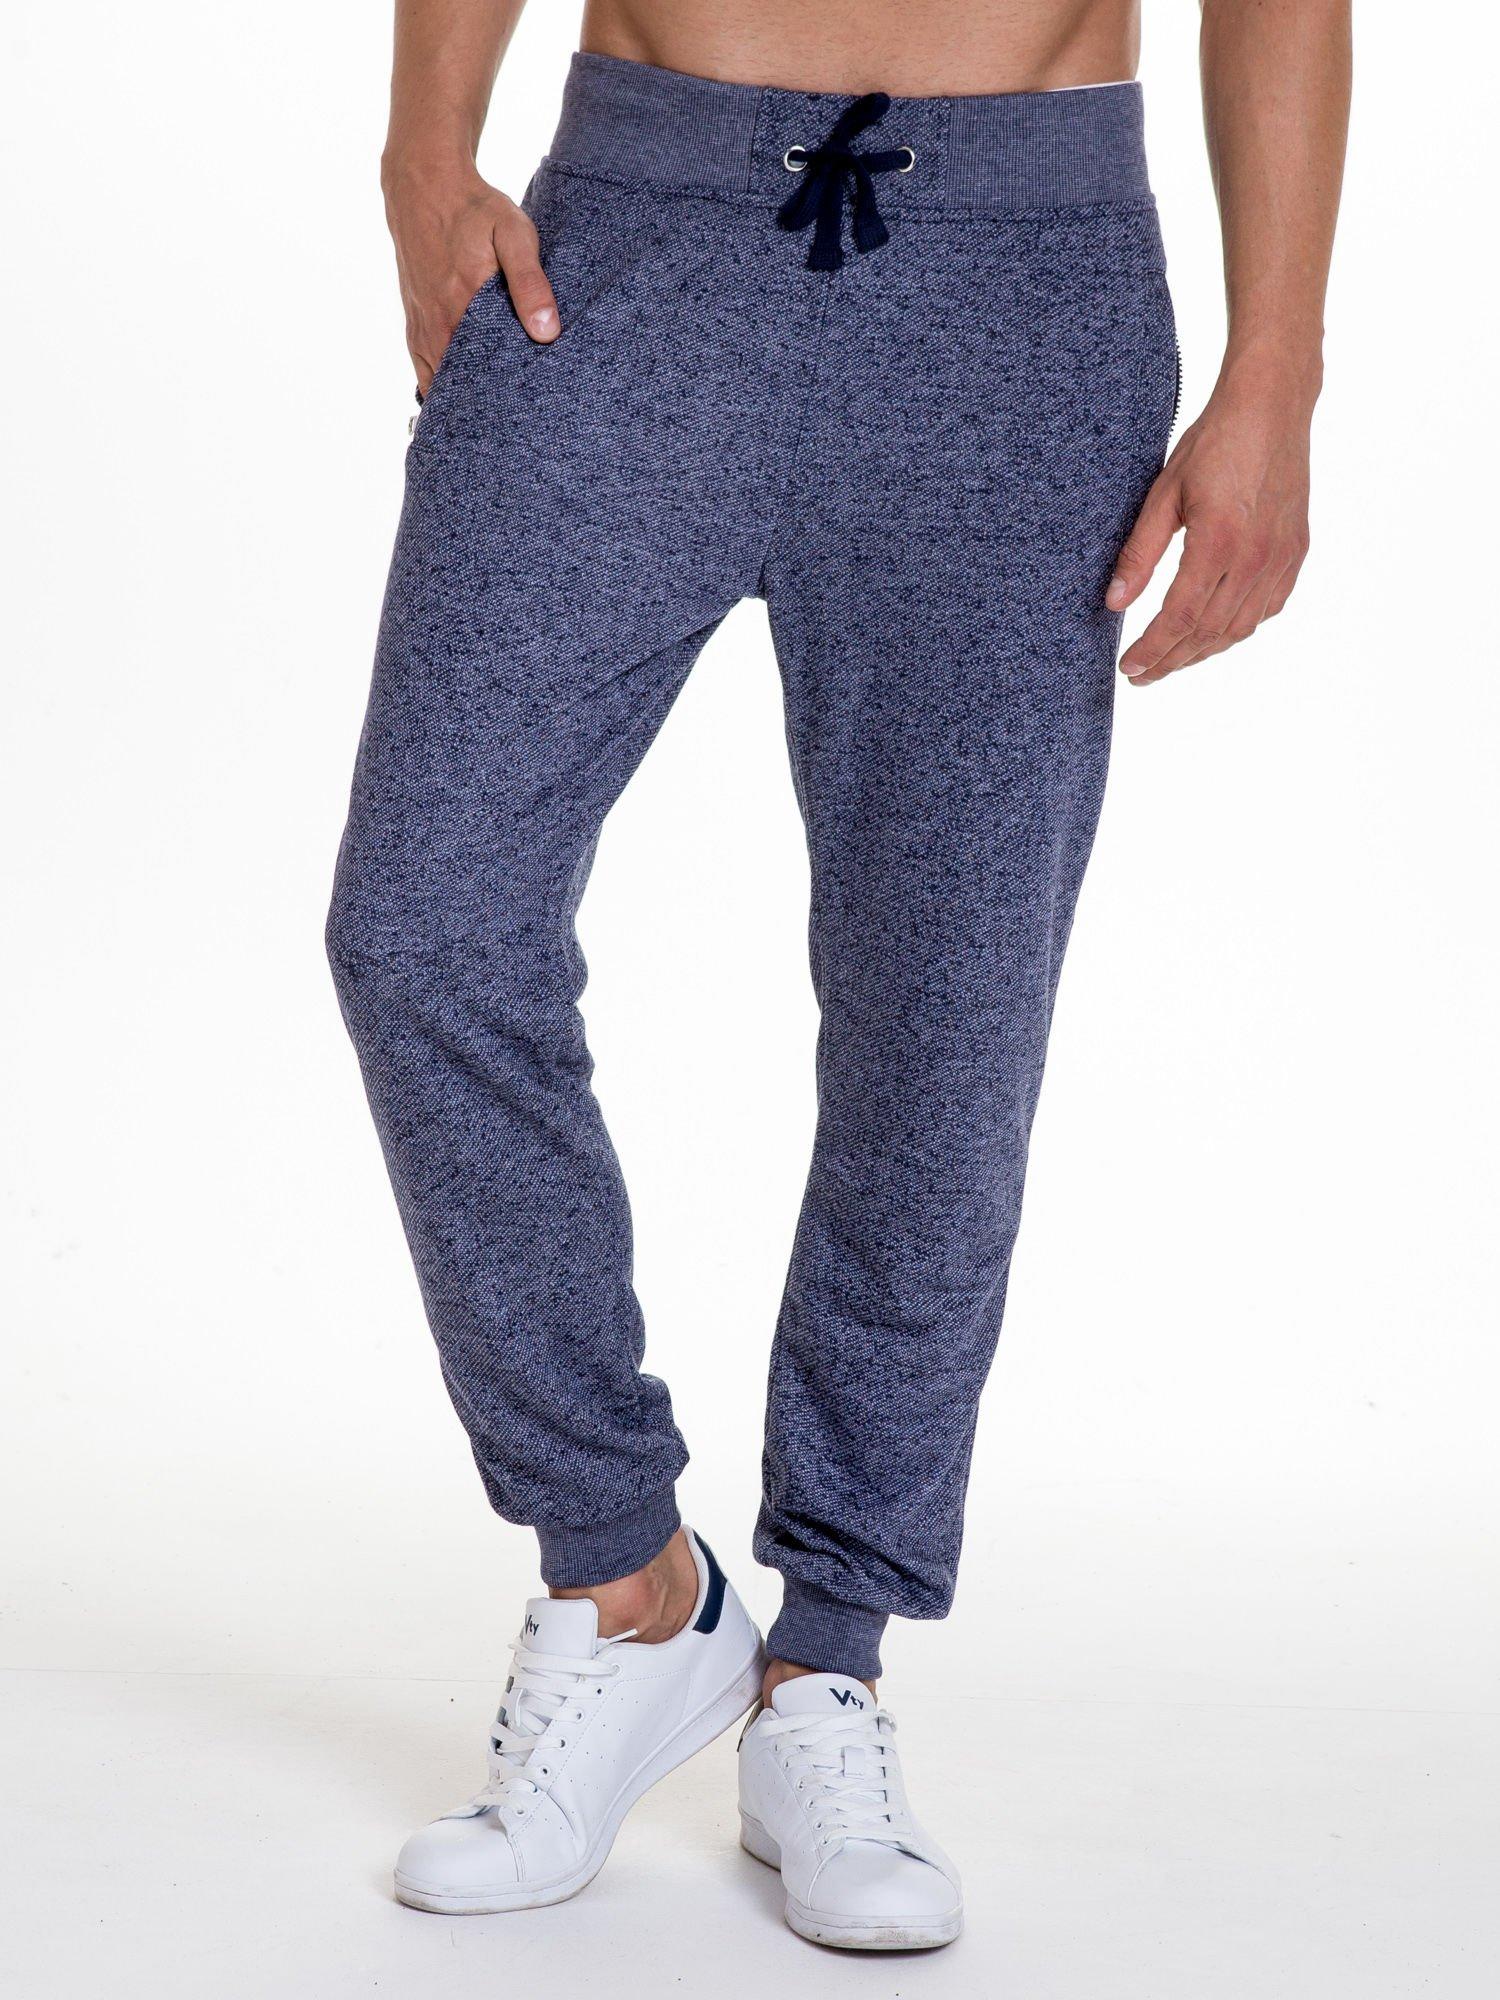 Granatowe melanżowe spodnie męskie z kieszeniami na suwak                                  zdj.                                  1